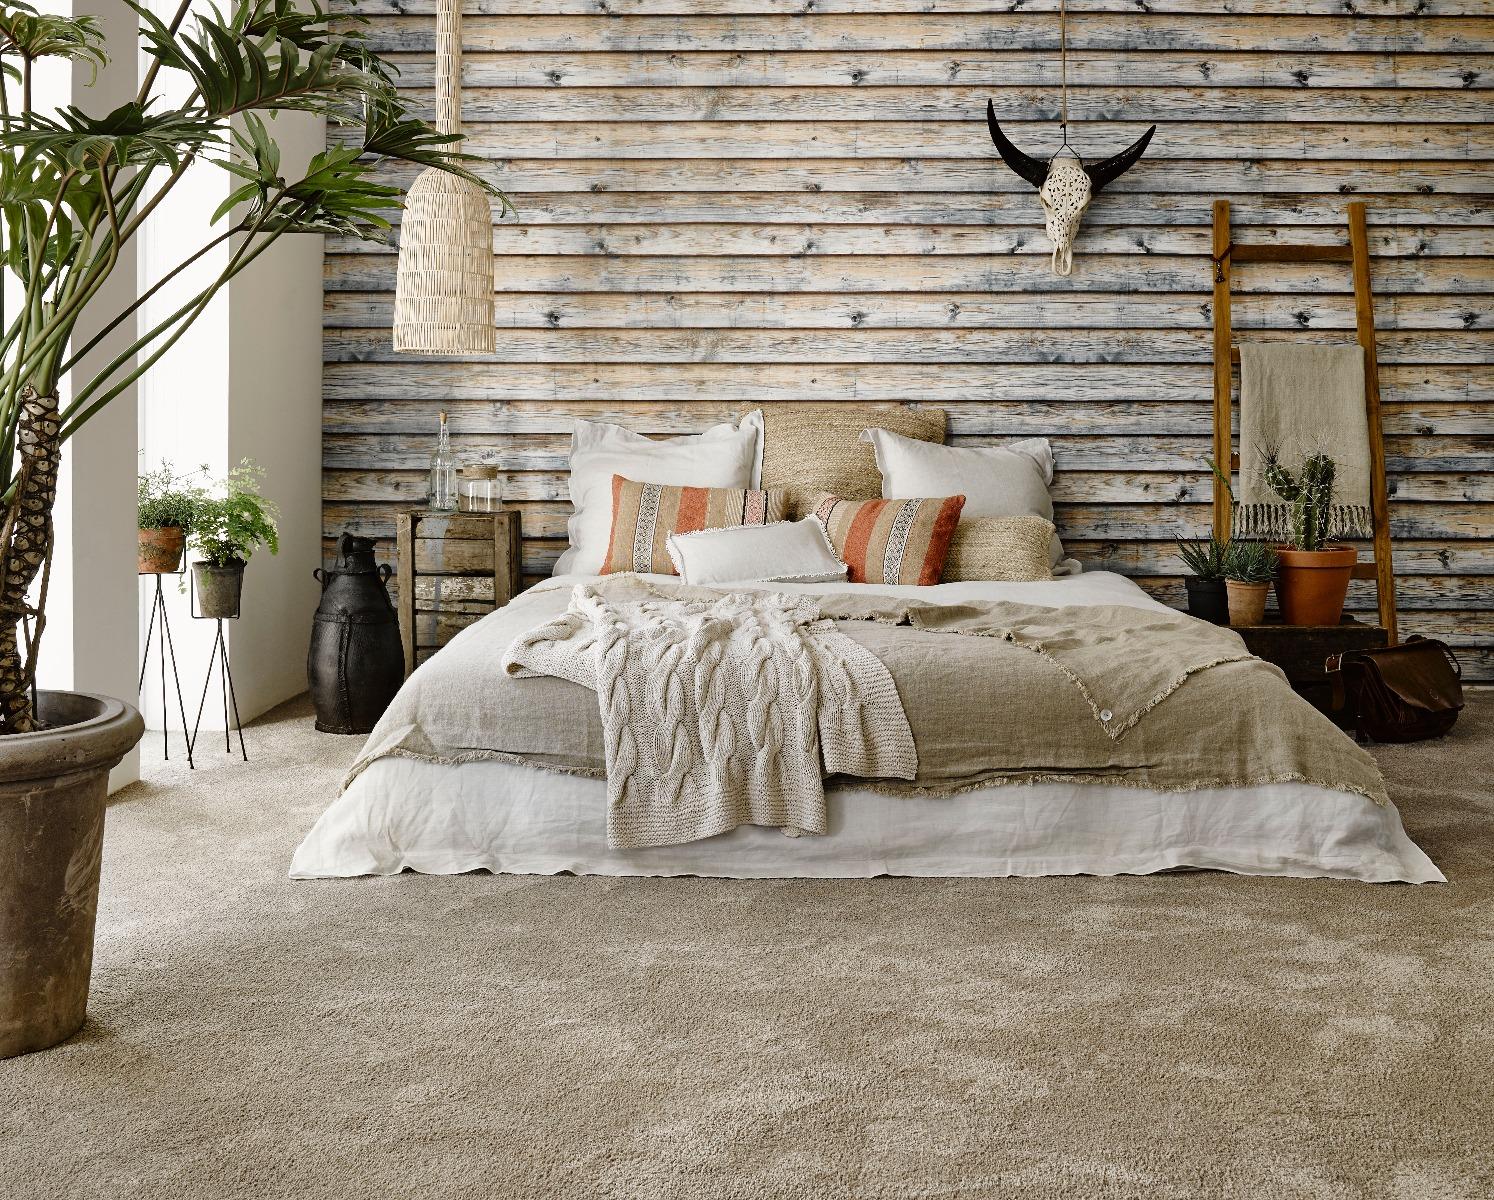 Rood Tapijt Aanbiedingen : Tapijt kopen? meer dan 1.500 soorten tapijten carpetright